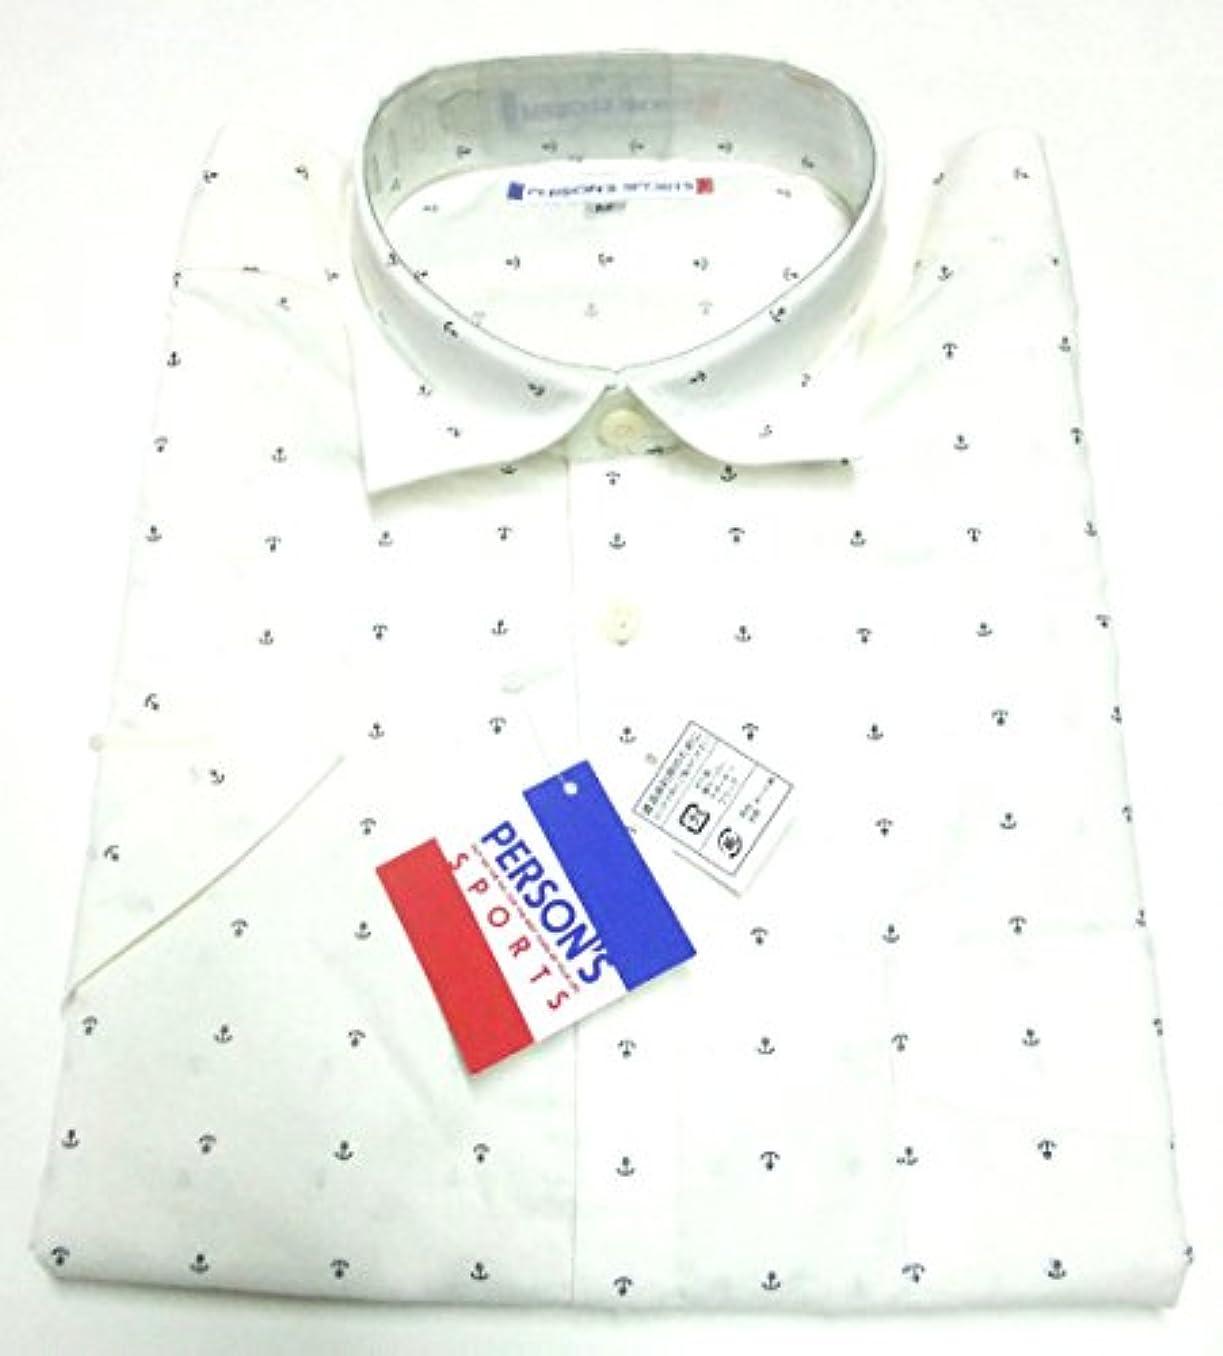 コンデンサー視線病弱紳士ブランドシャツ【PERSON'S】パーソンズ 半袖 M 錨柄 白 123P